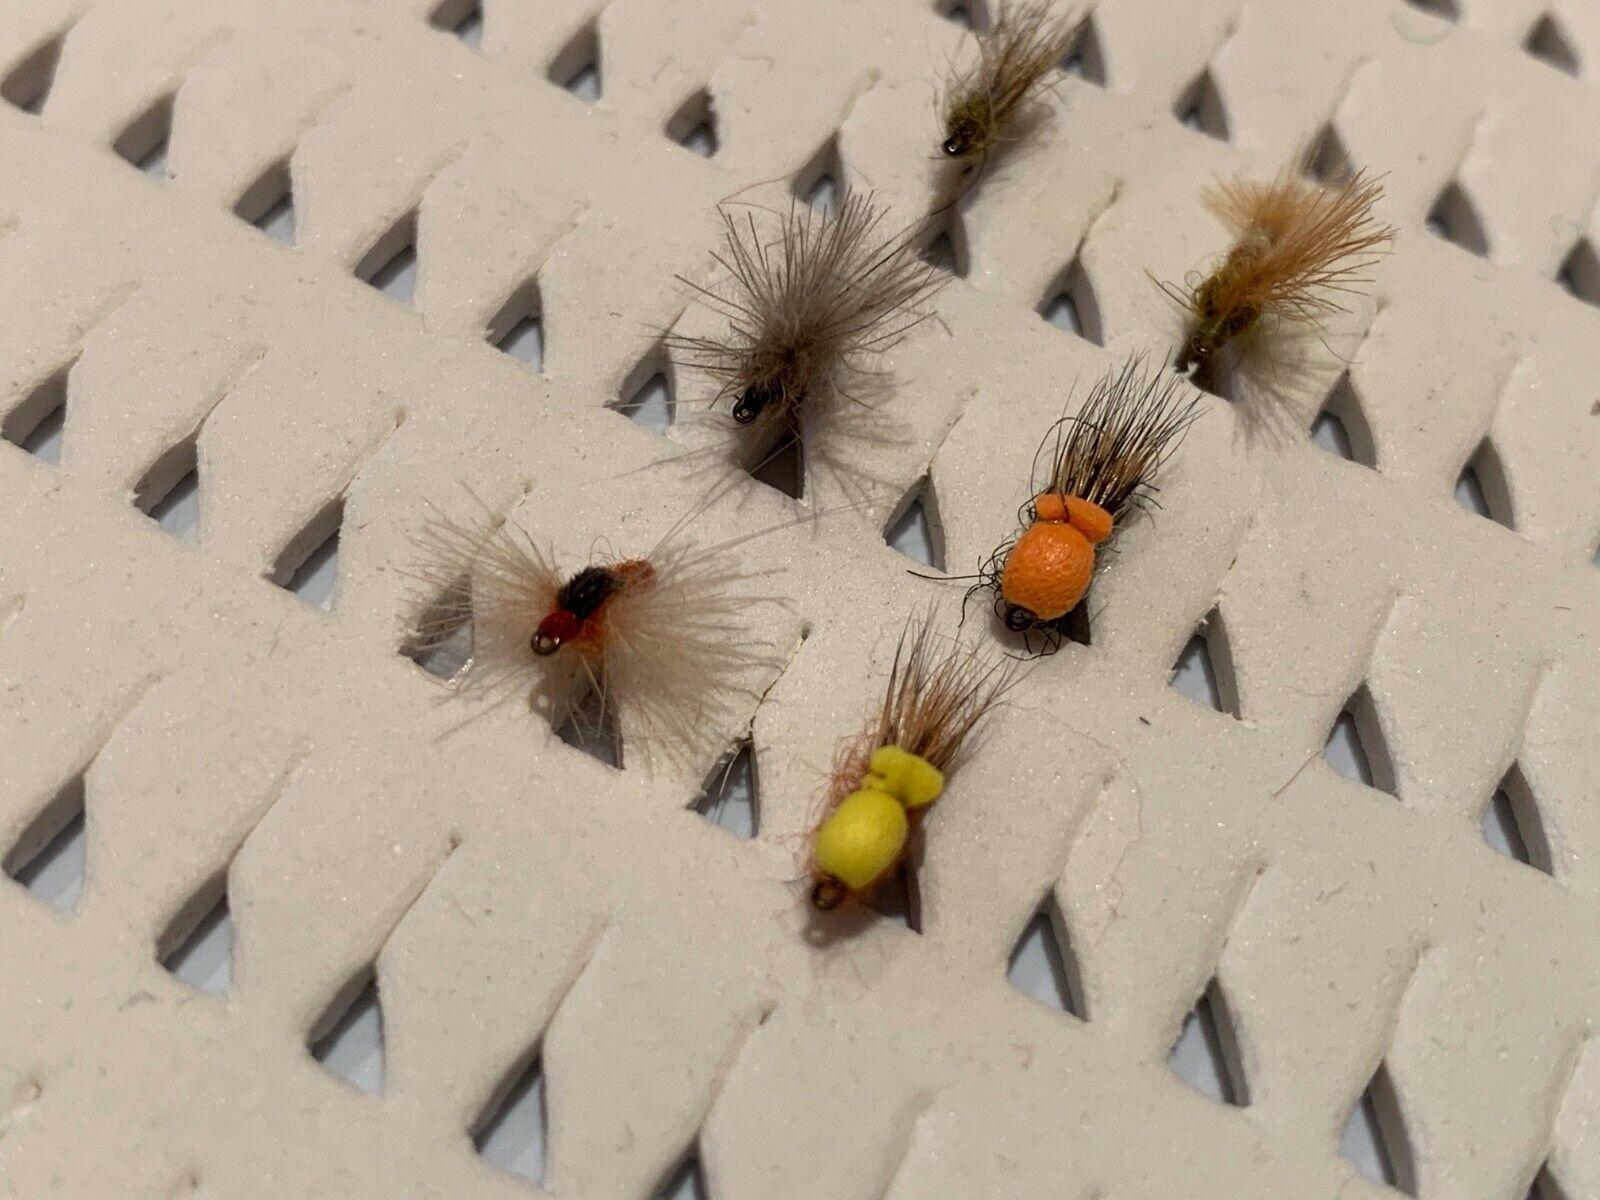 OFERTA OFERTA OFERTA  12 mosca surtidas, sin muerte  18 y  20  FLY FISHING (27) 75b1a6